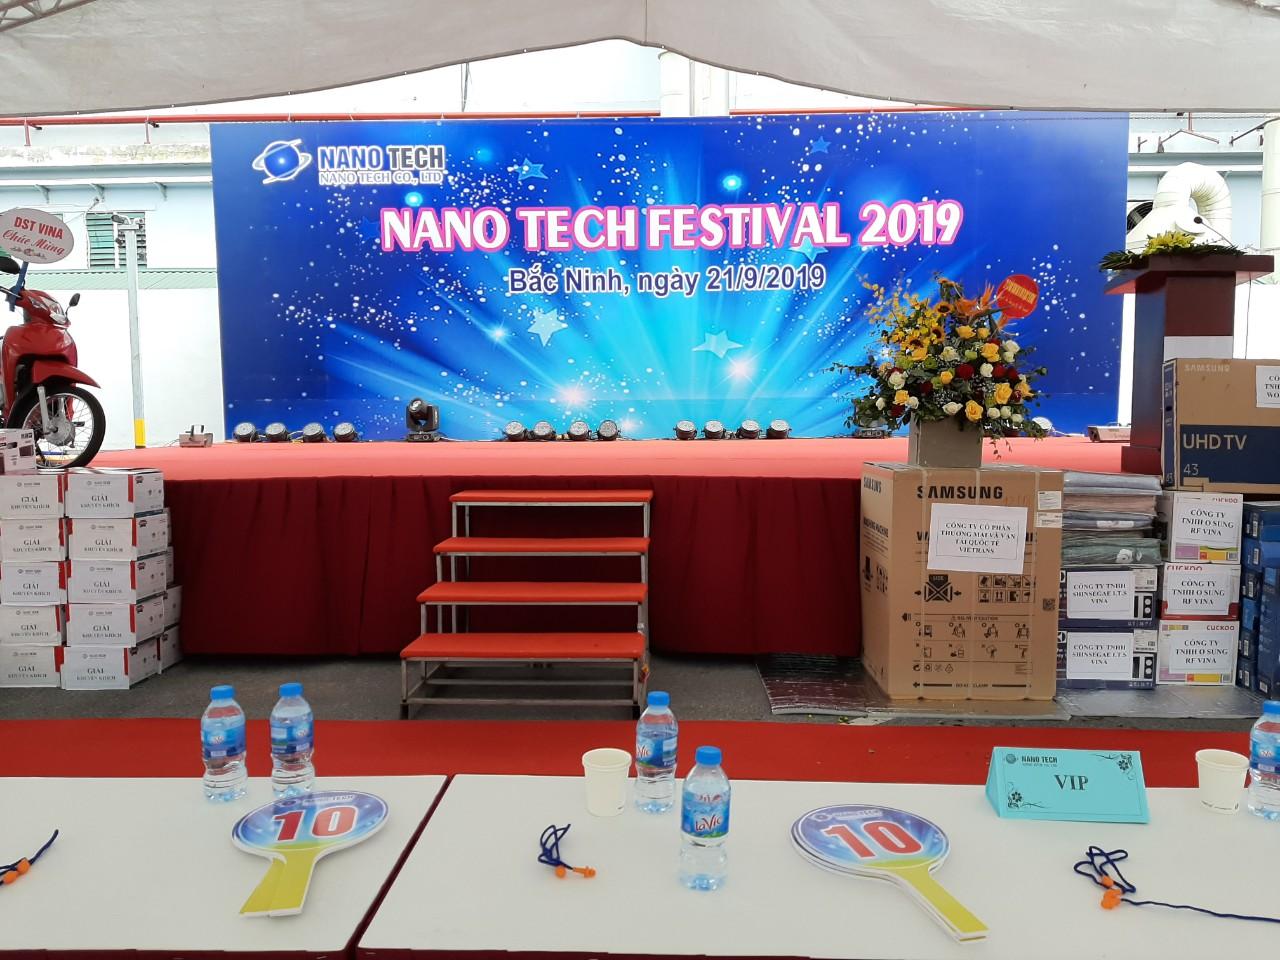 Ngay Hoi Nano Tech Festival 2019